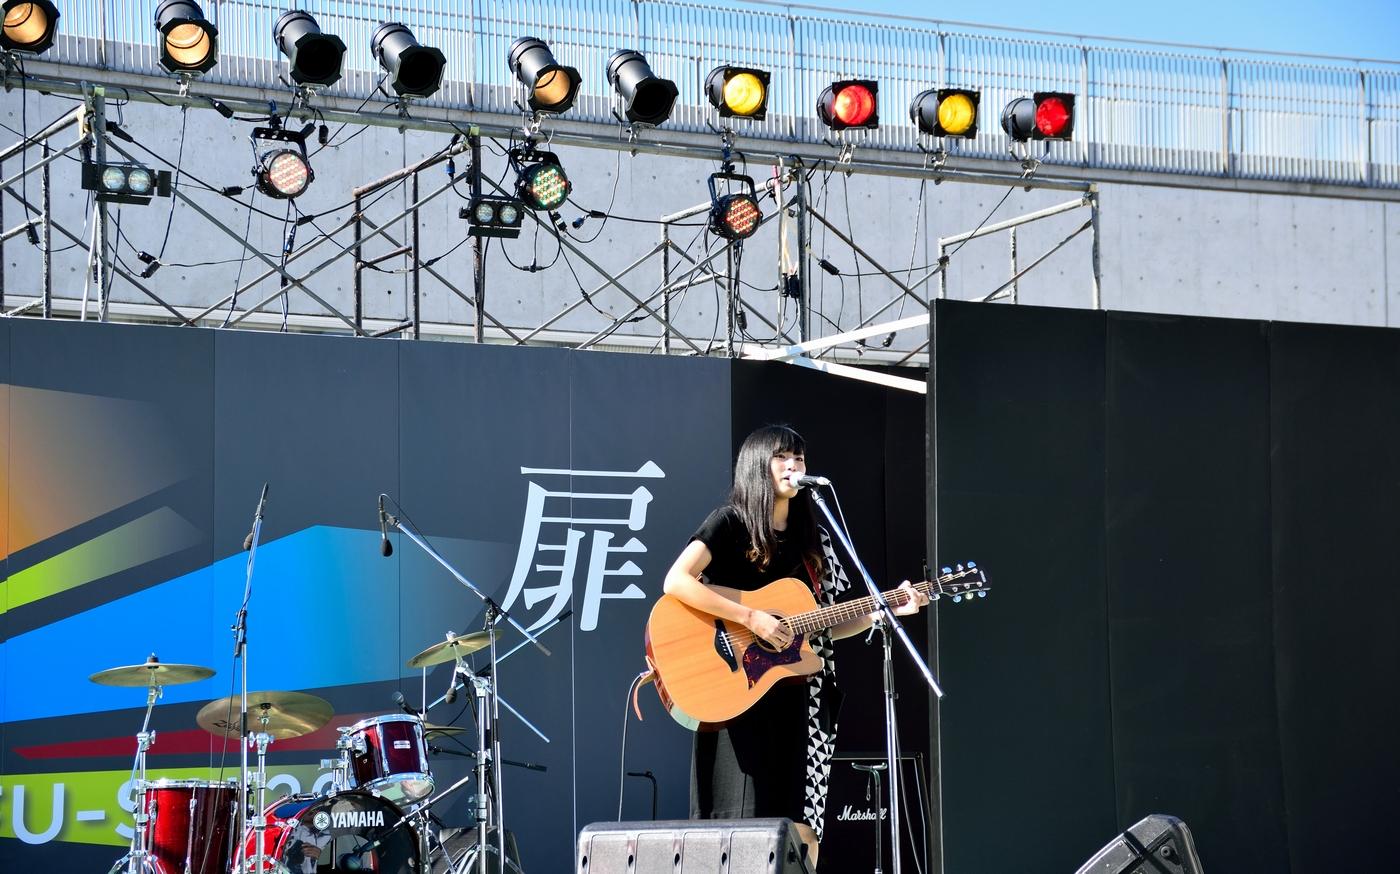 hekifu_repo_08